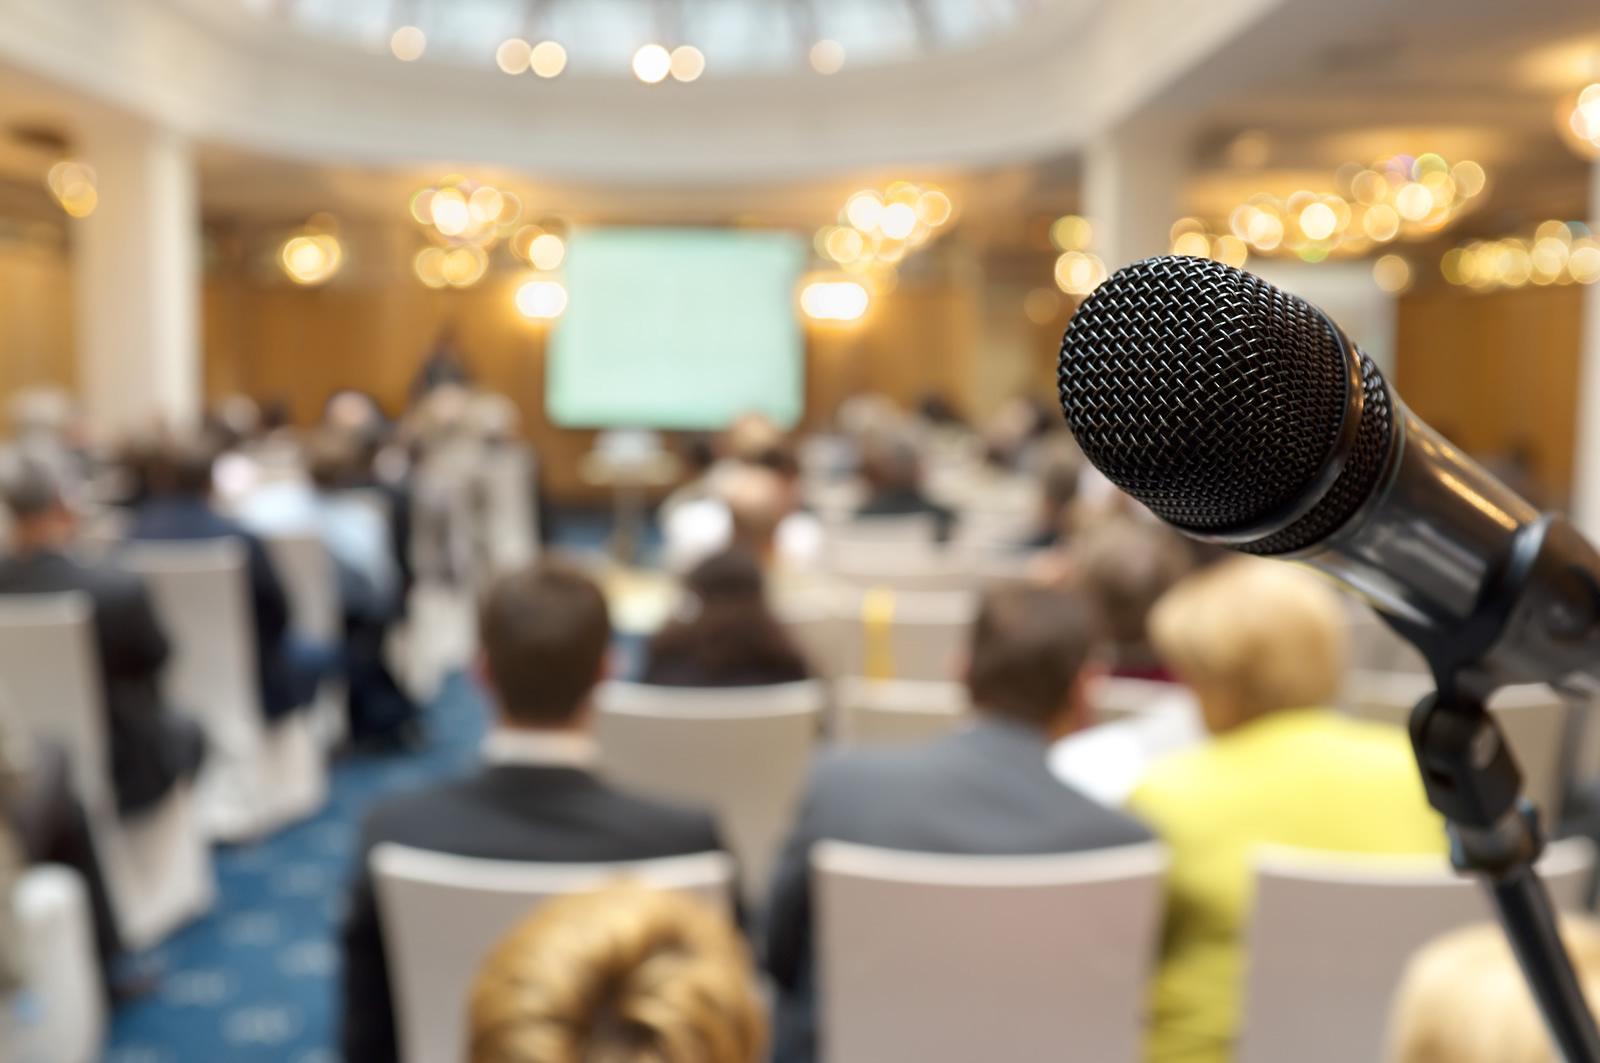 Organizar salones para eventos, 5 claves y trucos para conseguir exito